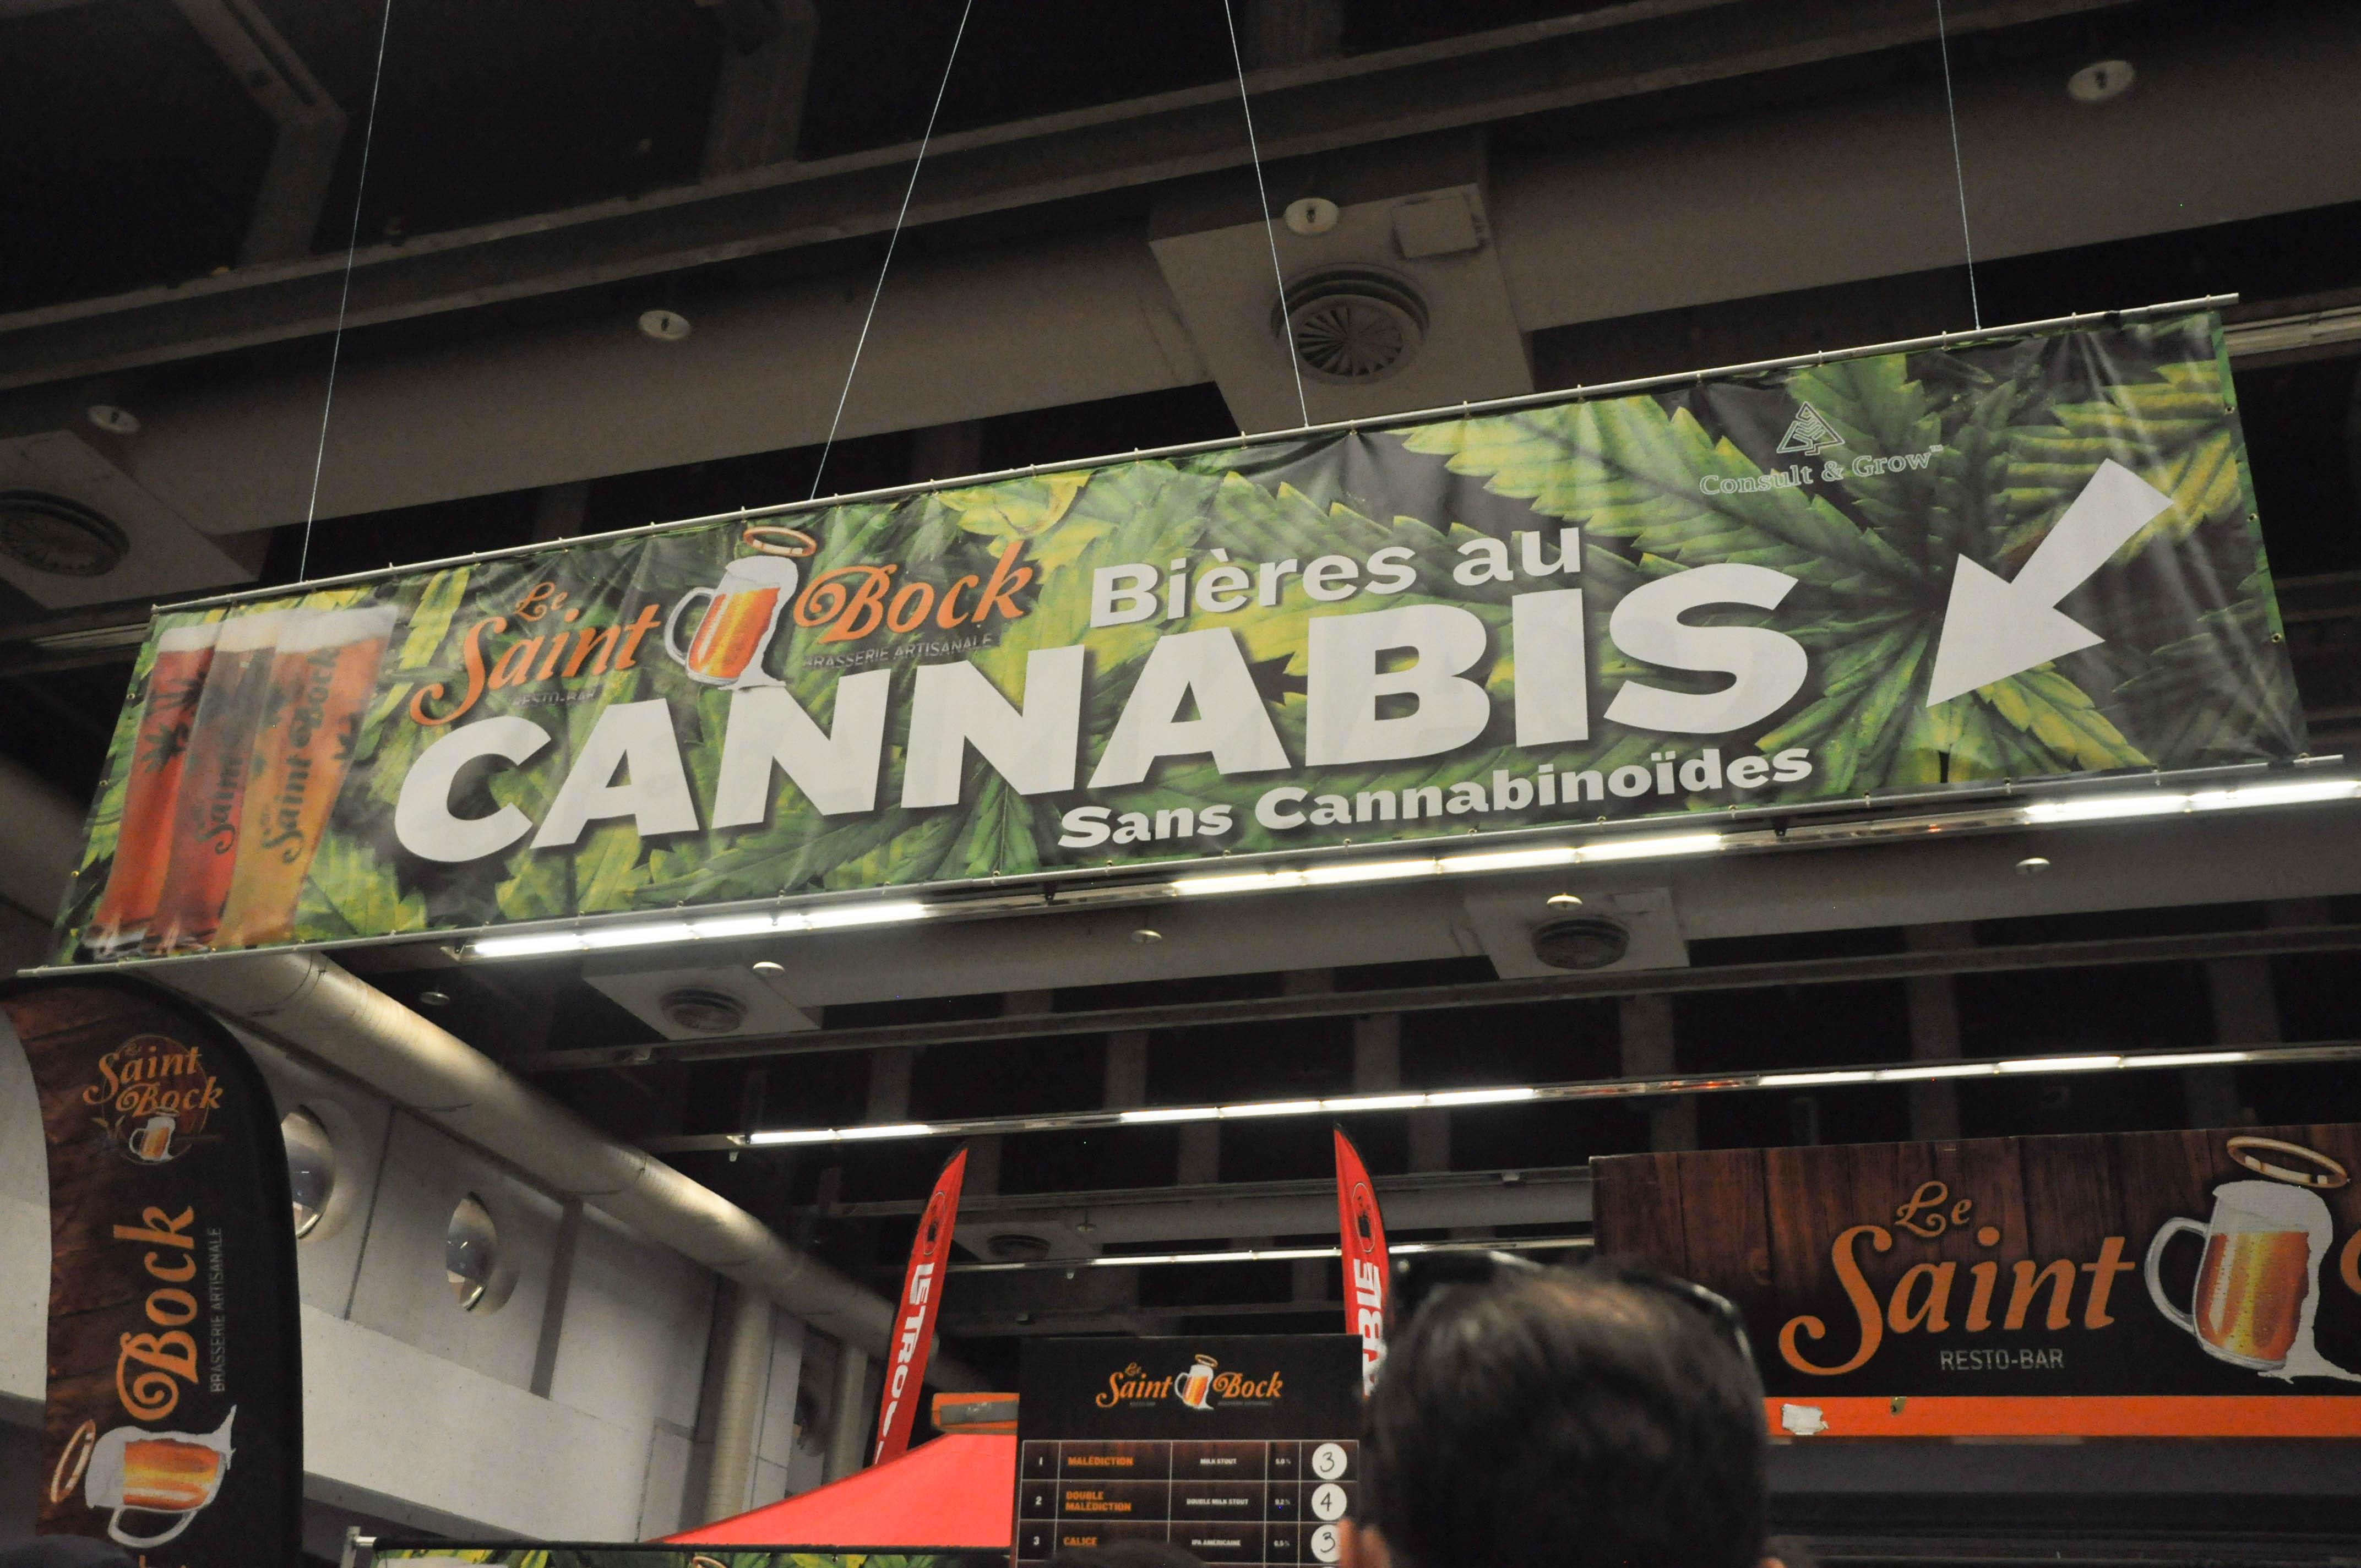 La bière au cannabis a attiré de nombreux curieux.